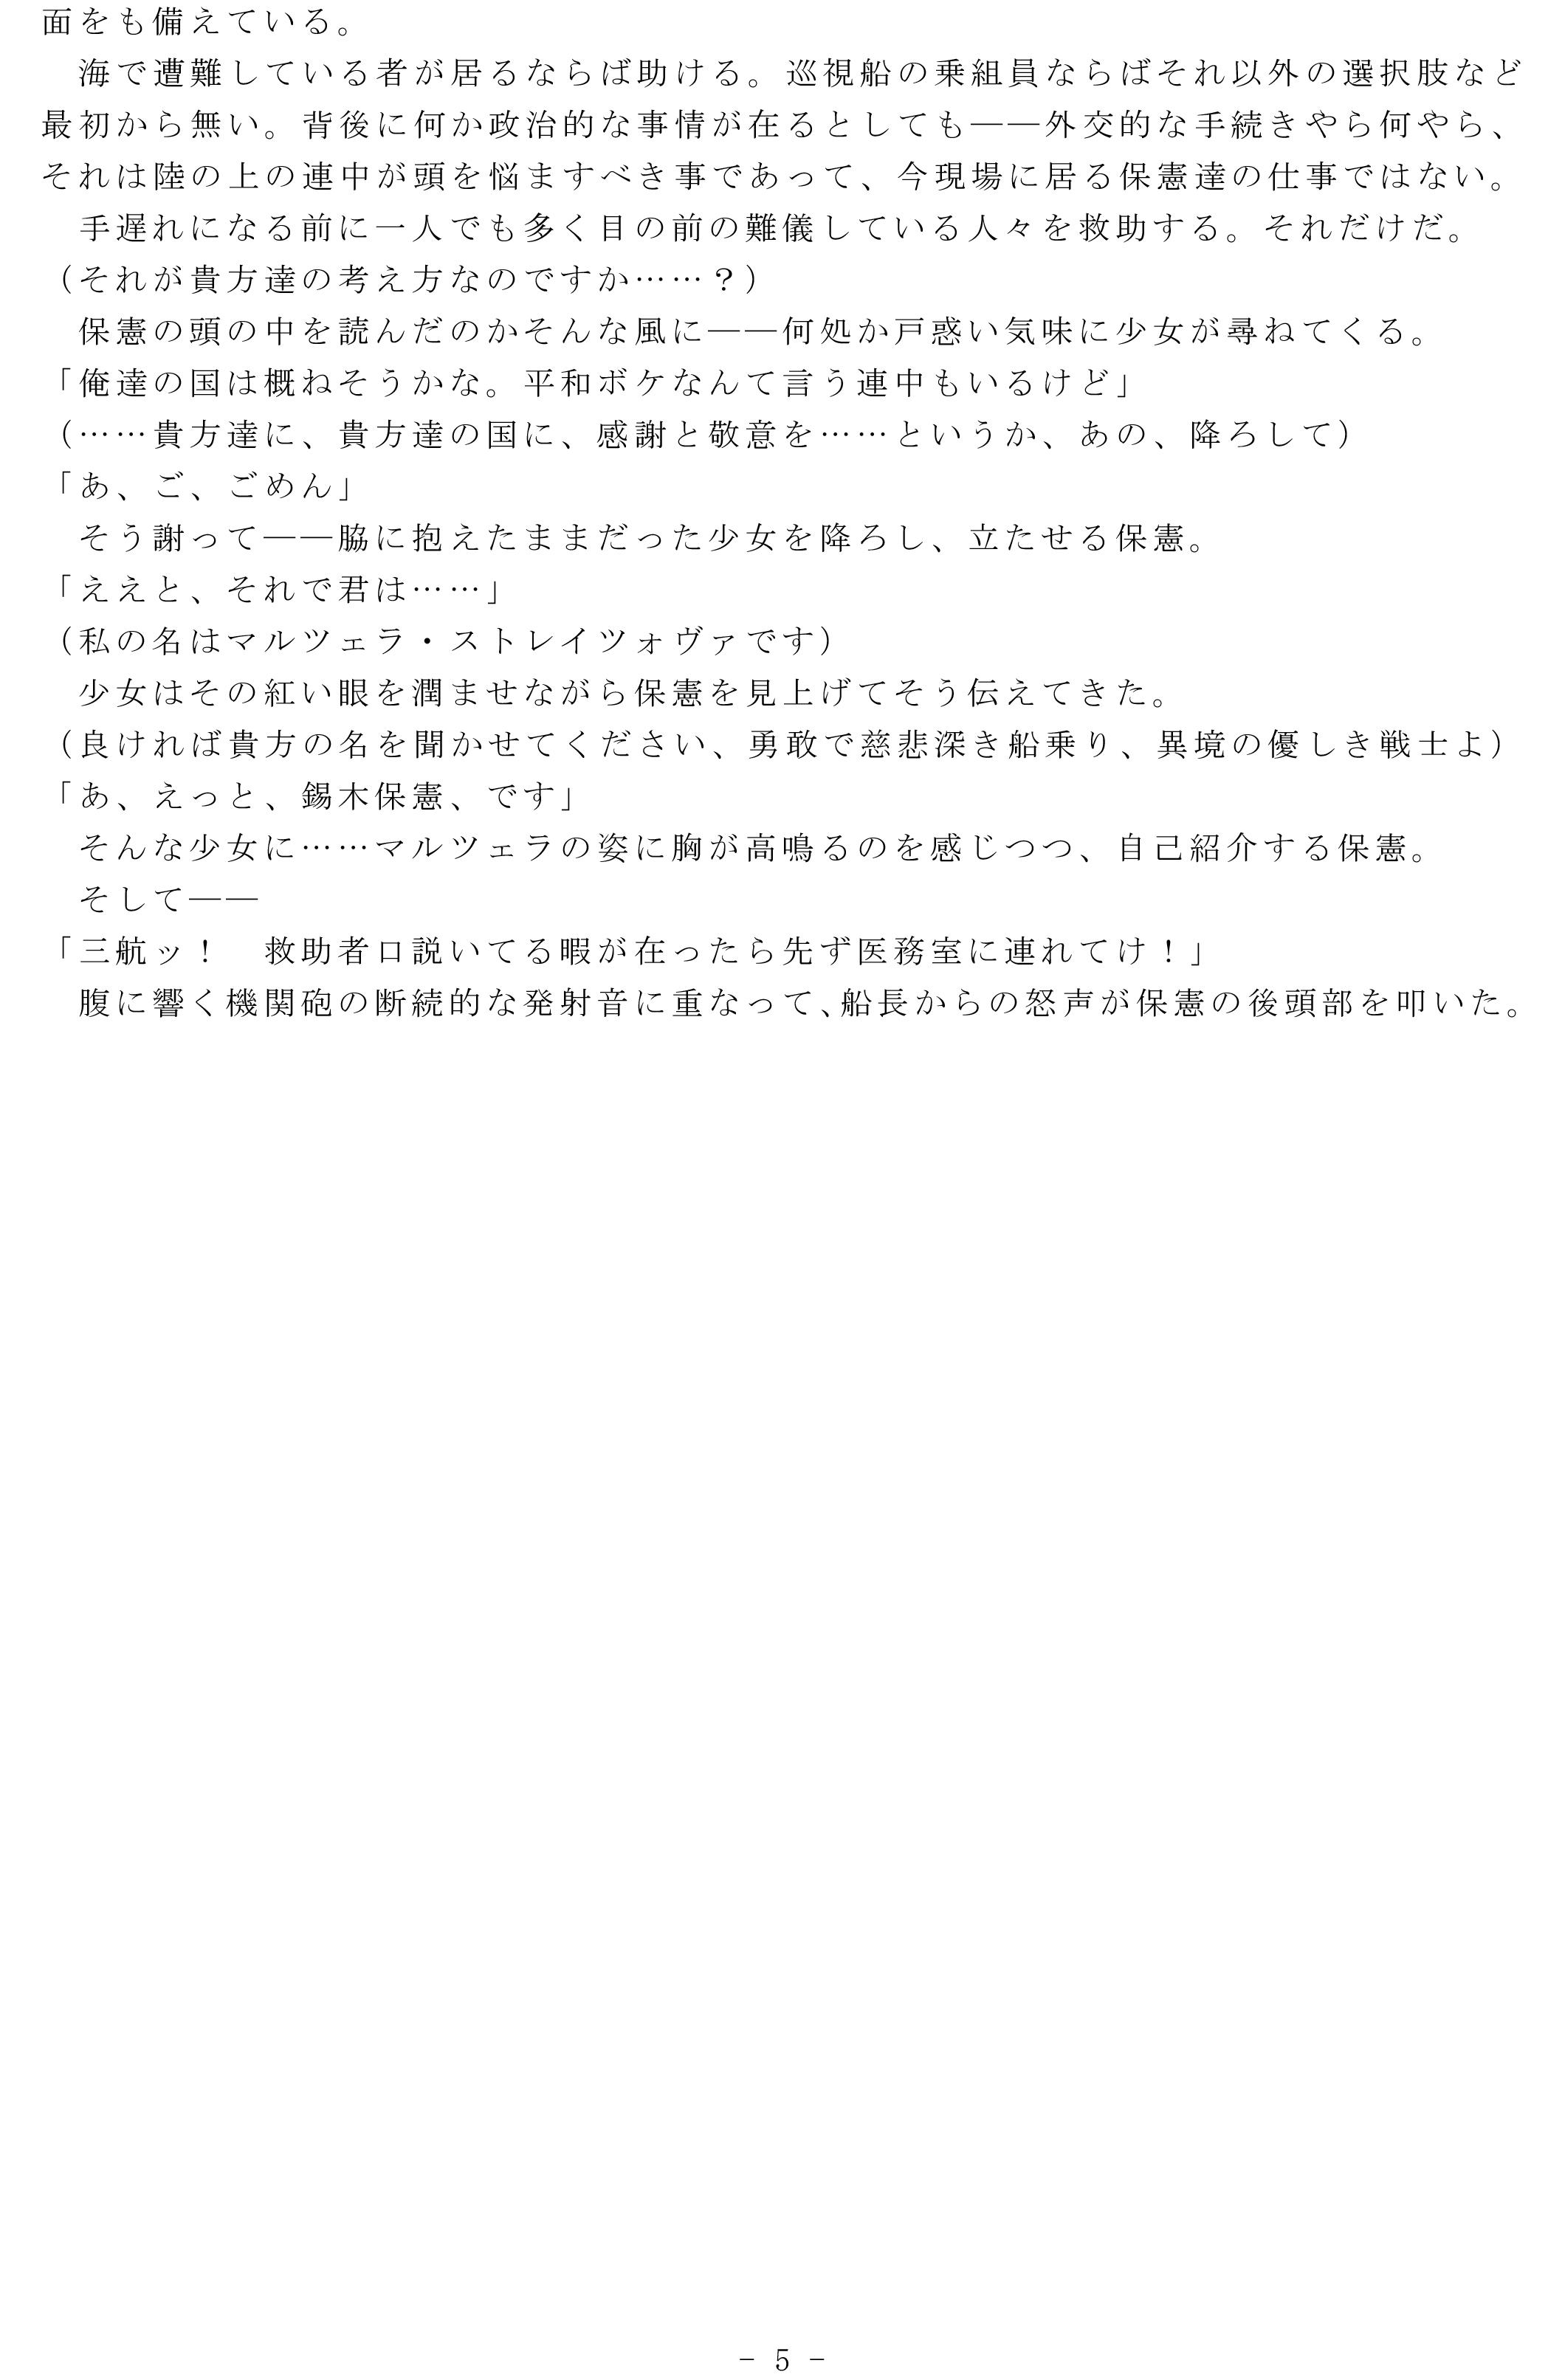 yomeyome_SP_SS_5